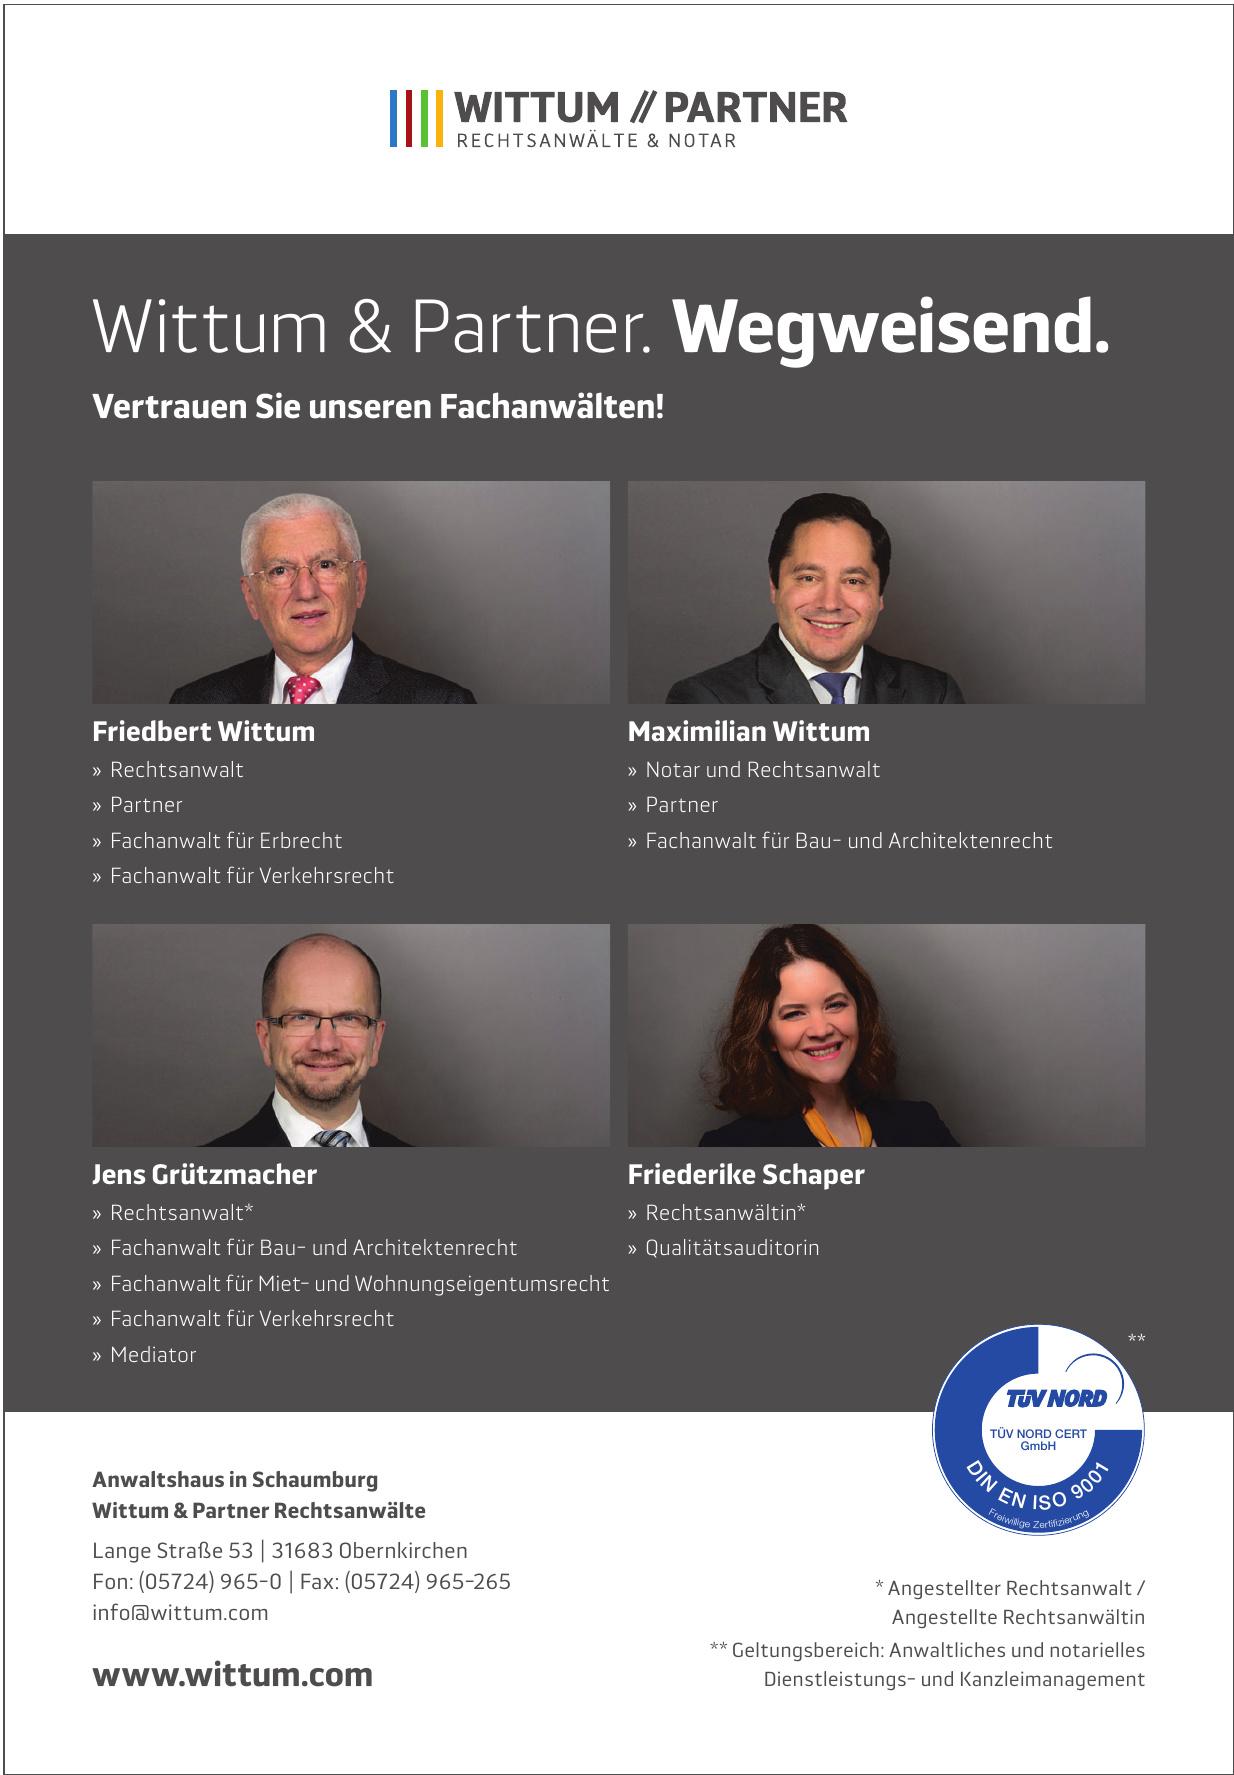 Anwaltshaus in Schaumburg Wittum & Partner Rechtsanwälte